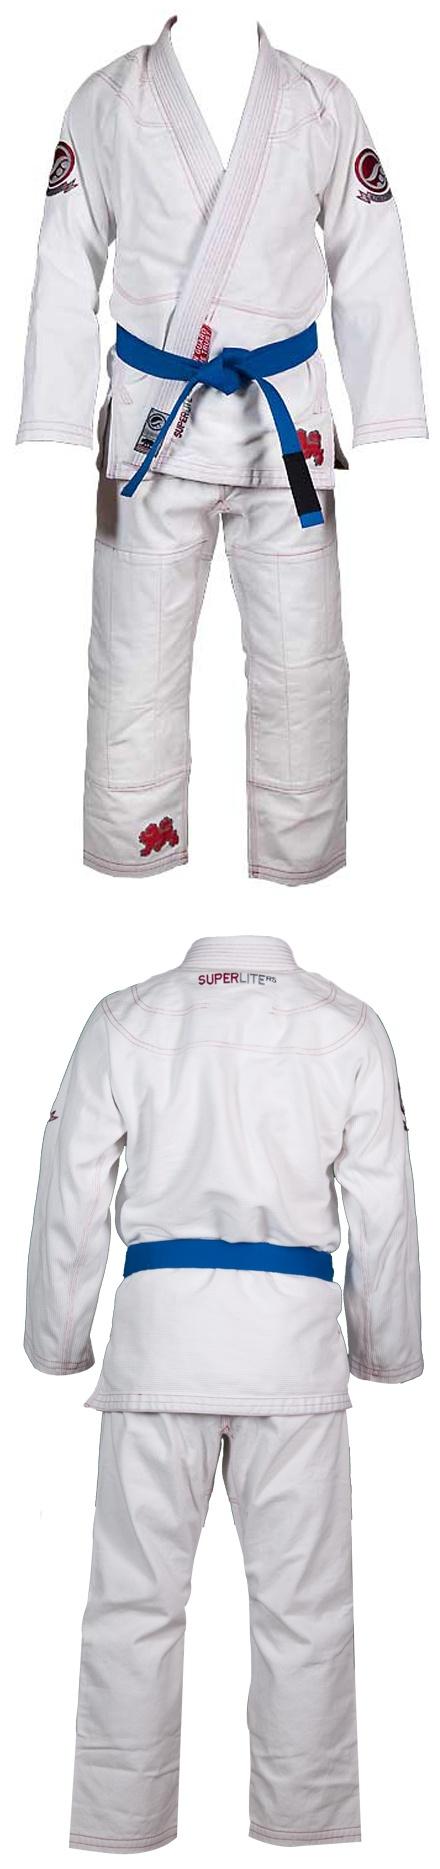 Budovideos.com - Shoyoroll Brand Limited Edition Super Lite White BJJ Kimono (A5 ONLY)